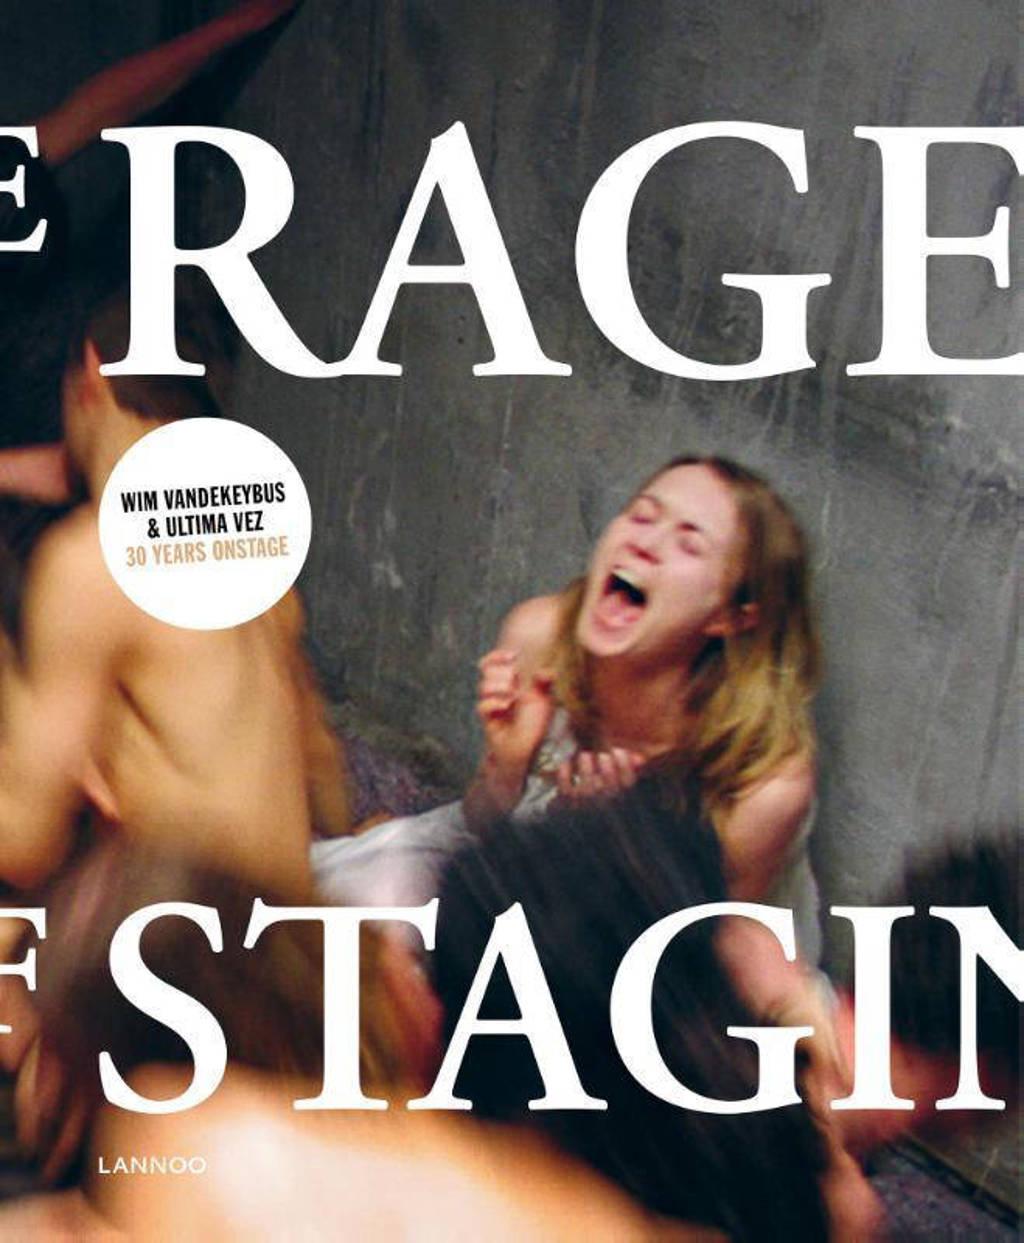 The rage of staging - Wim Vandekeybus en Paul Boudens